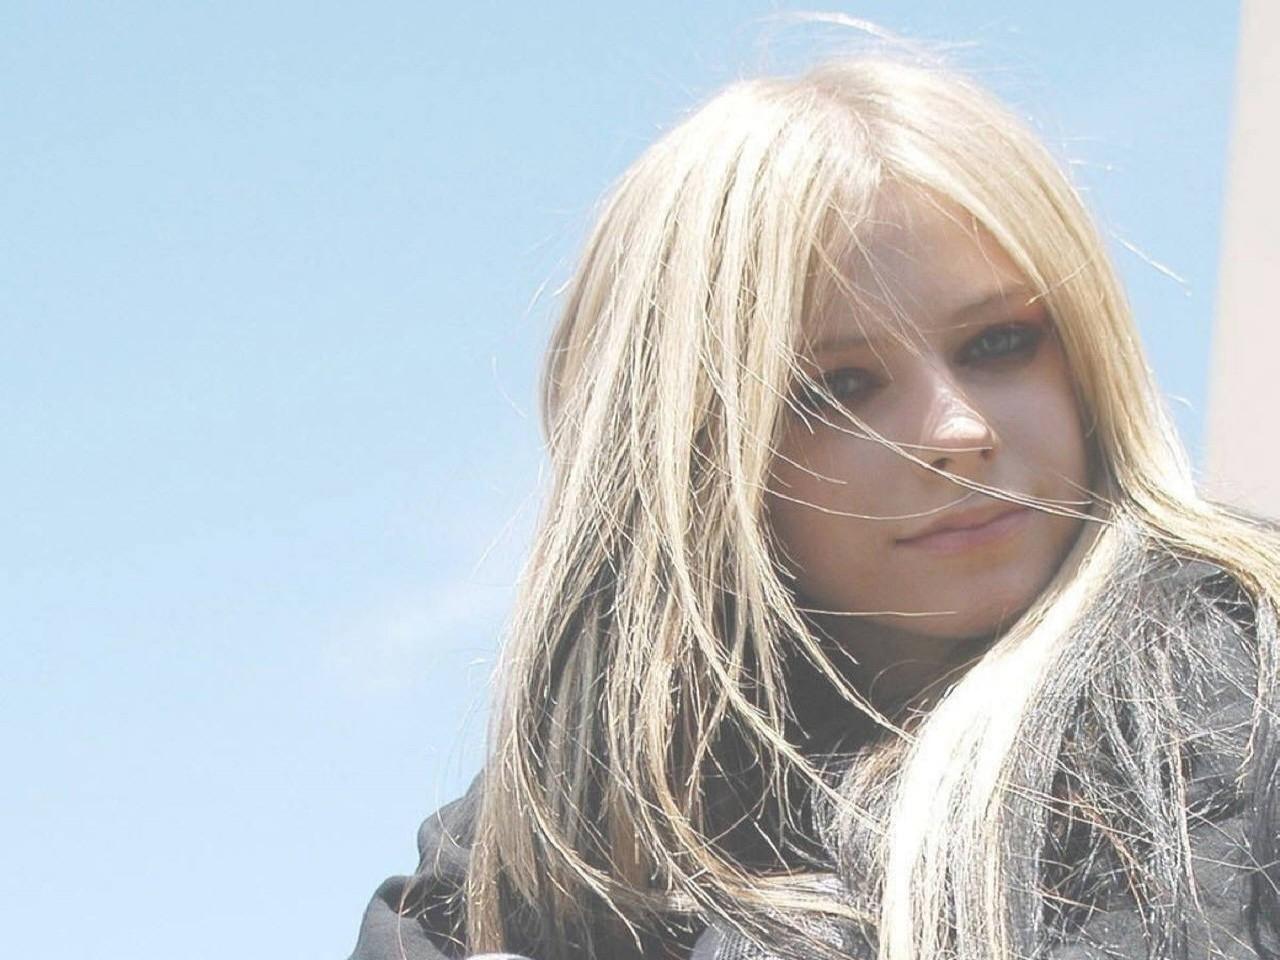 Wallpaper di Avril Lavigne su fondo azzurro